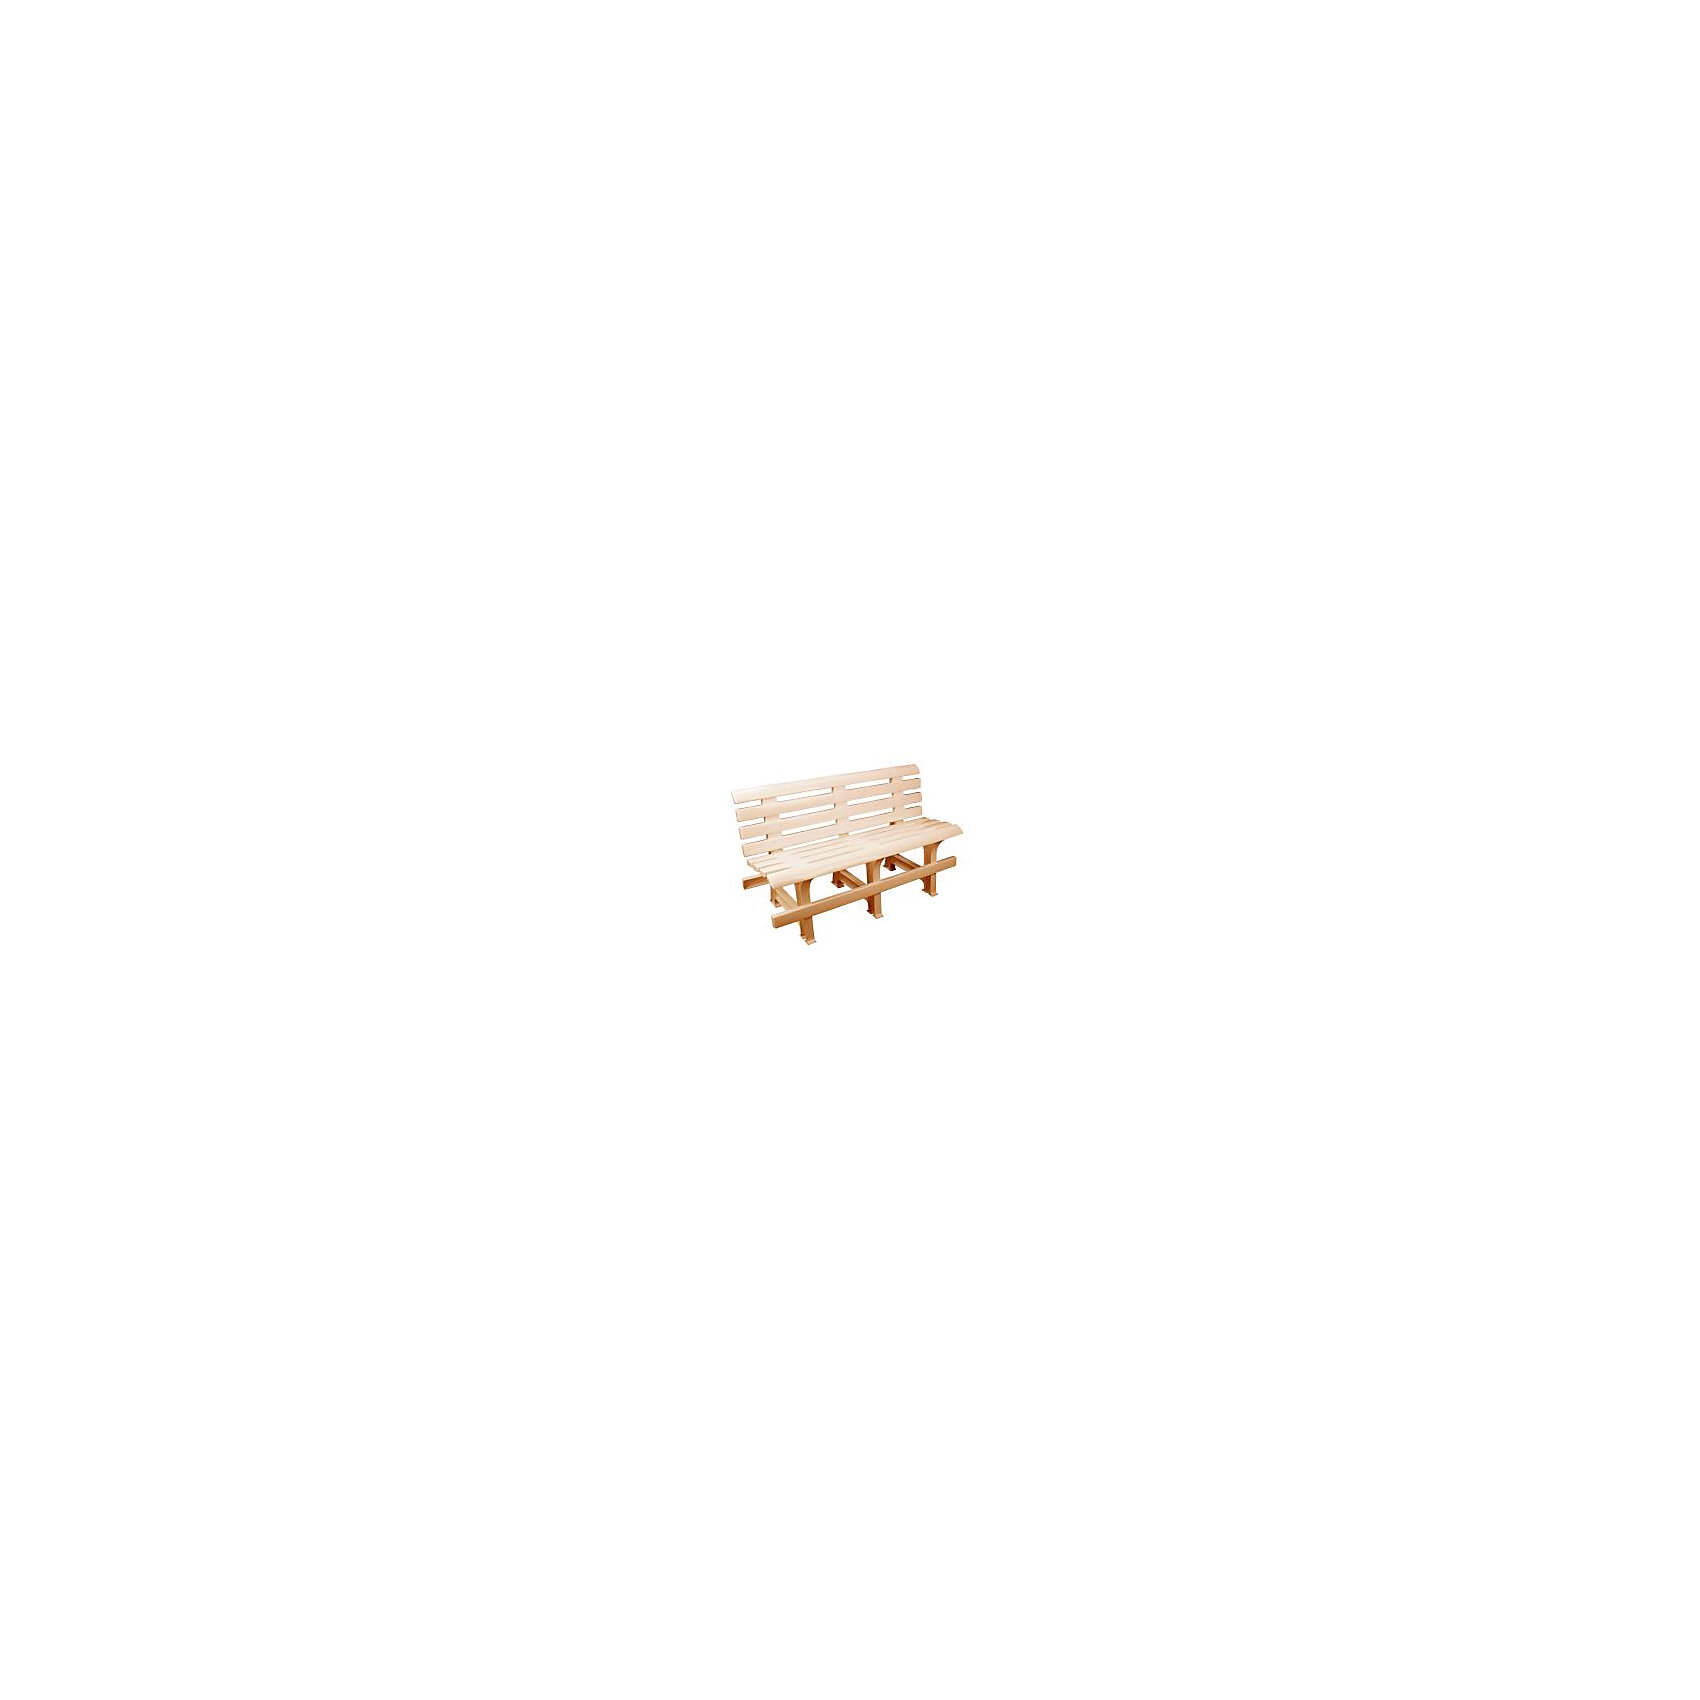 Скамейка со спинкой 120х40х70, Alternativa, бежевыйМебель<br>Скамейка со спинкой 120х40х70, Alternativa (Альтернатива), бежевый<br><br>Характеристики:<br><br>• вместительное сидение<br>• удобная спинка<br>• размер: 120х40х70 см<br>• материал: пластик<br>• цвет: бежевый<br>• вес: 7,598 кг<br><br>Скамейка от российского производителя Альтернатива изготовлена высококачественного пластика с хорошей износостойкостью. Скамейка легко собирается и устойчиво располагается на любой поверхности. Вы сможете с комфортом отдохнуть на природе или в доме.<br><br>Скамейку со спинкой 120х40х70, Alternativa (Альтернатива), бежевый вы можете купить в нашем интернет-магазине.<br><br>Ширина мм: 1200<br>Глубина мм: 400<br>Высота мм: 700<br>Вес г: 7598<br>Возраст от месяцев: 216<br>Возраст до месяцев: 1188<br>Пол: Унисекс<br>Возраст: Детский<br>SKU: 5475658